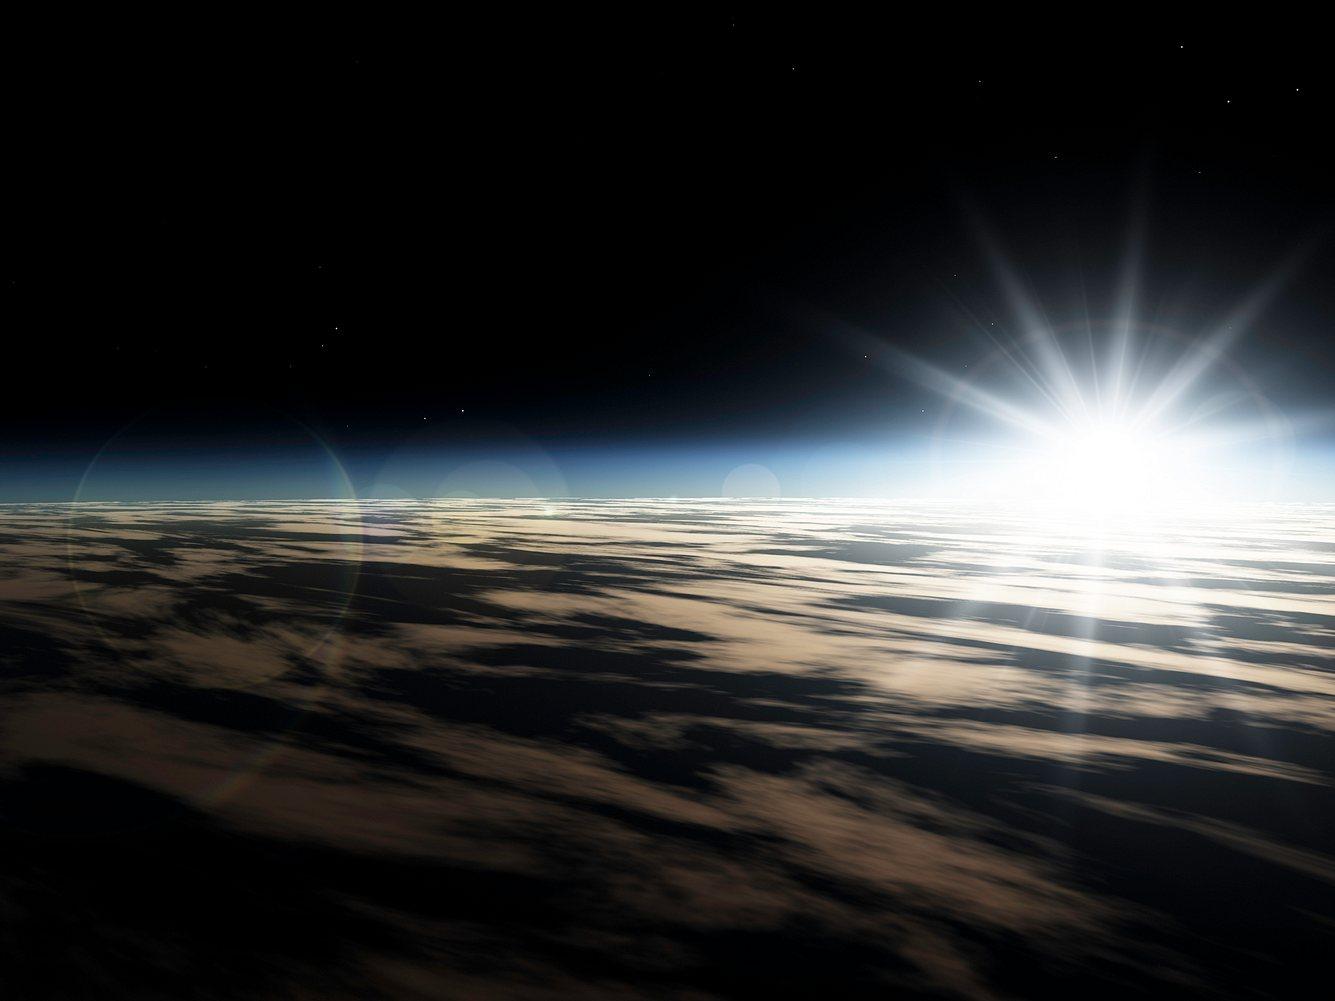 Sonnenaufgang aus Weltraumperspektive